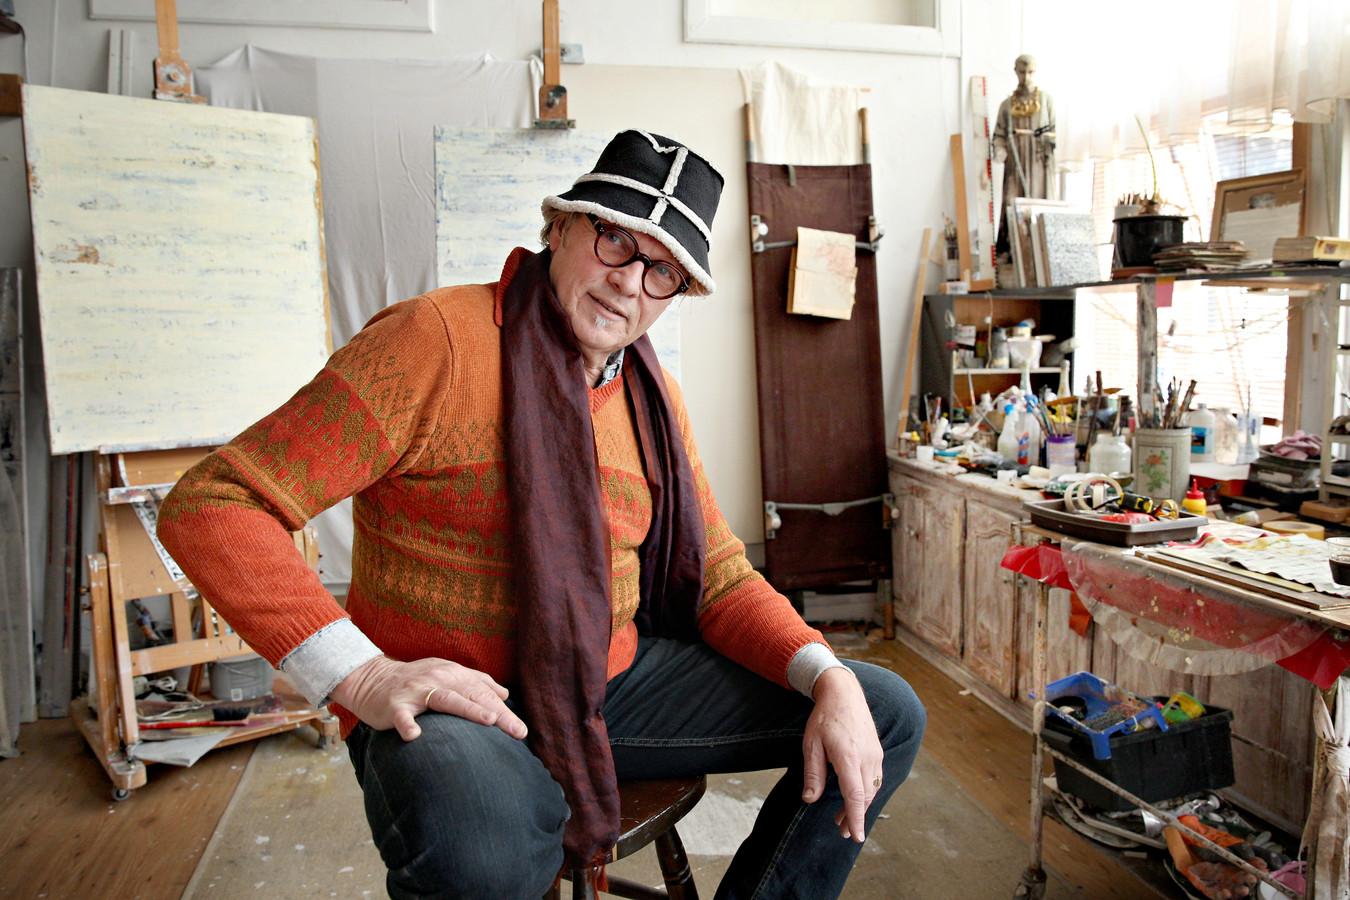 Kunstenaar Alex Meidam is een van de Rotterdamse kunstenaars die worstelen met steeds duurdere huurprijzen en te weinig ateliers in de stad.